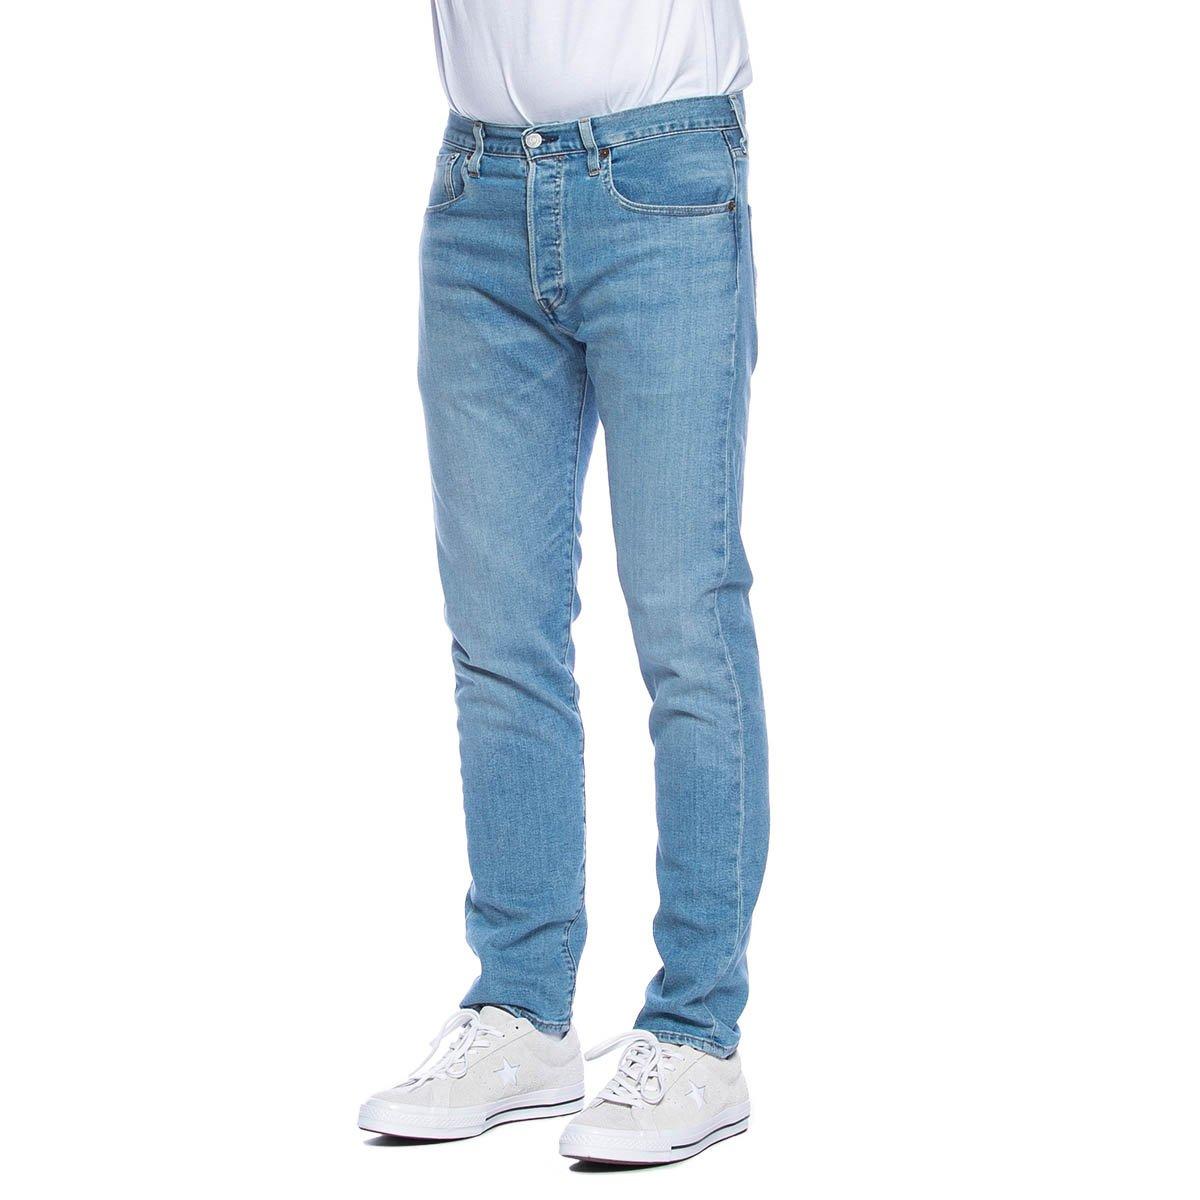 Spodnie Levi's 501 Jeans Slim Taper Coneflower niebieskie